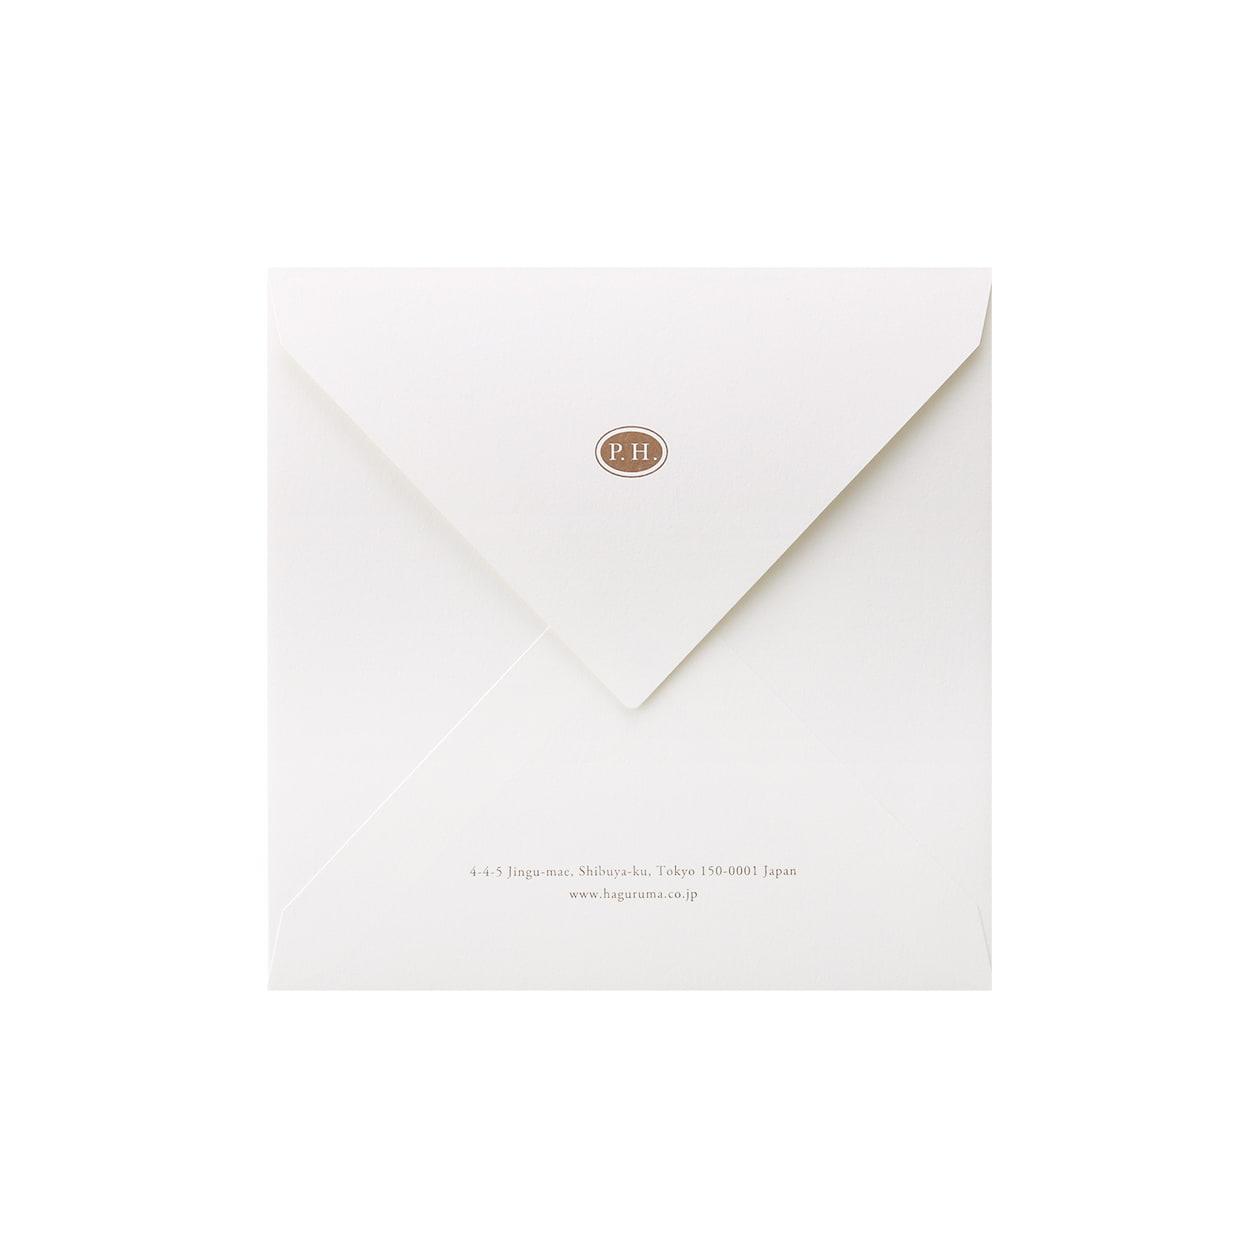 サンプル 封筒・袋 00135